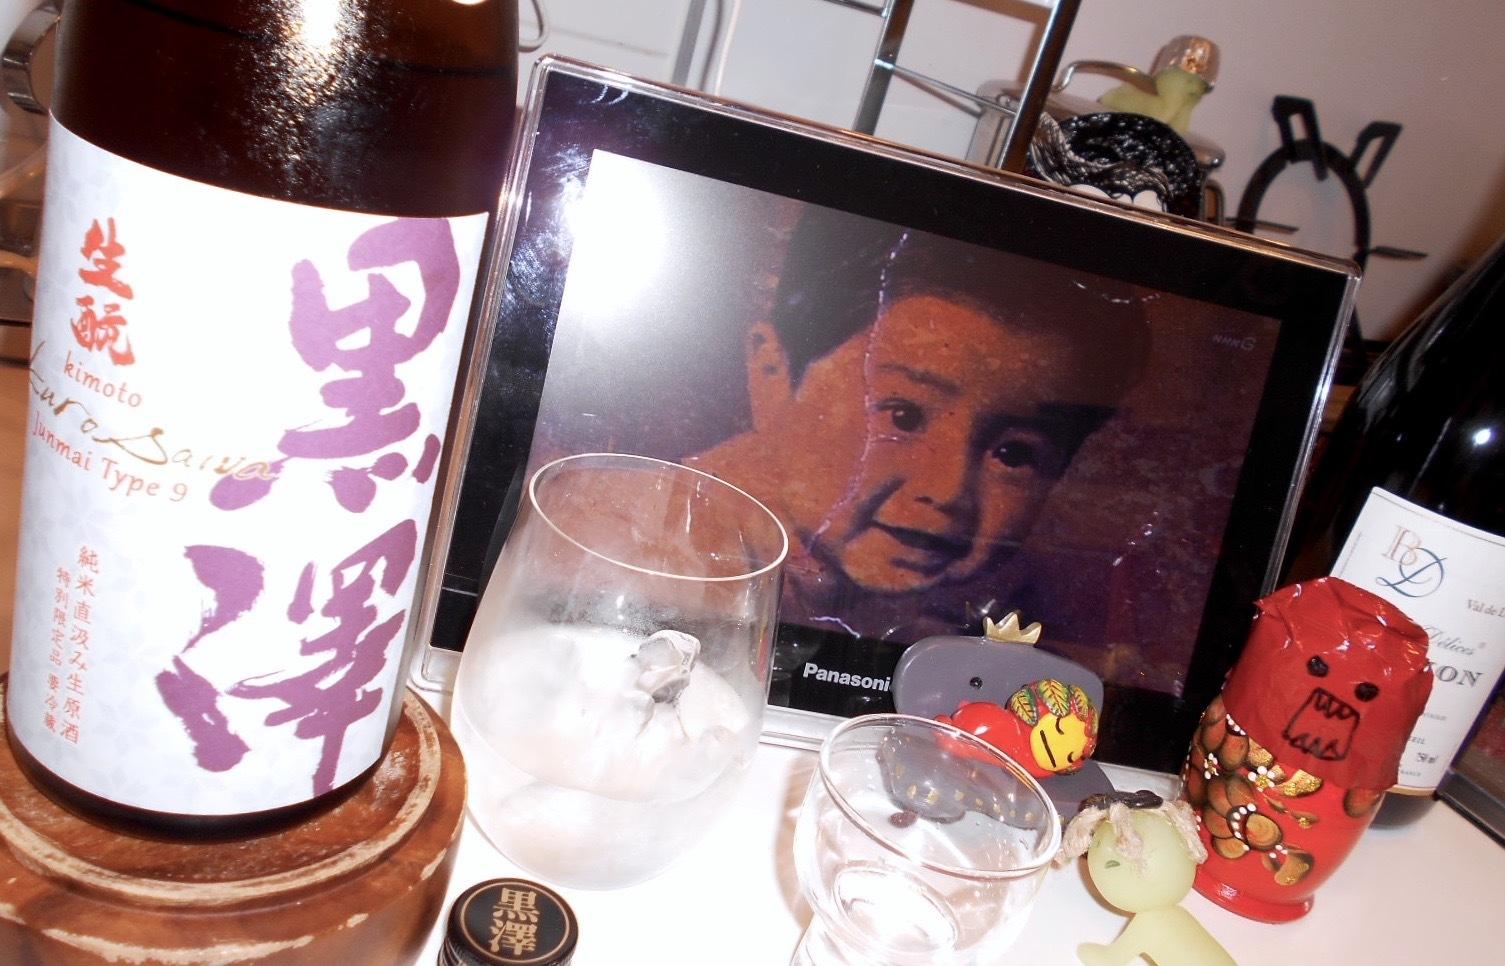 kurosawa_type-n29by4.jpg